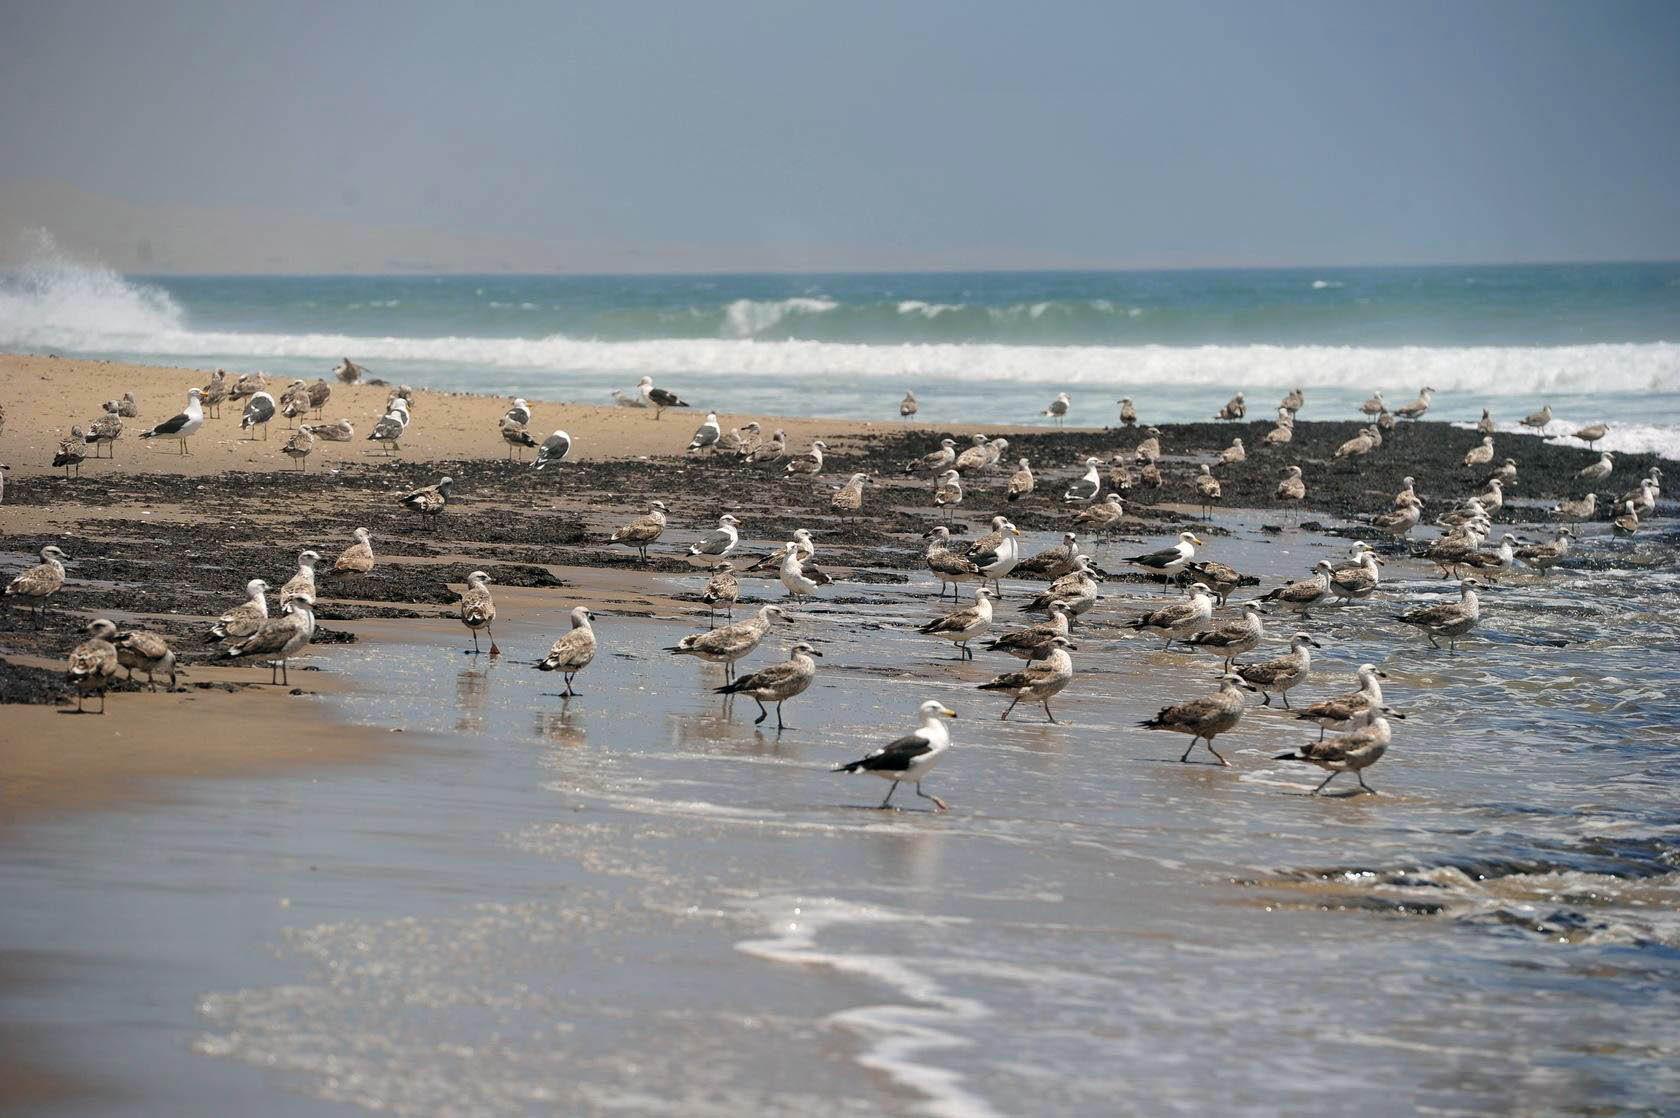 非洲经常闹饥荒,靠近海边的人就是不吃海鲜?